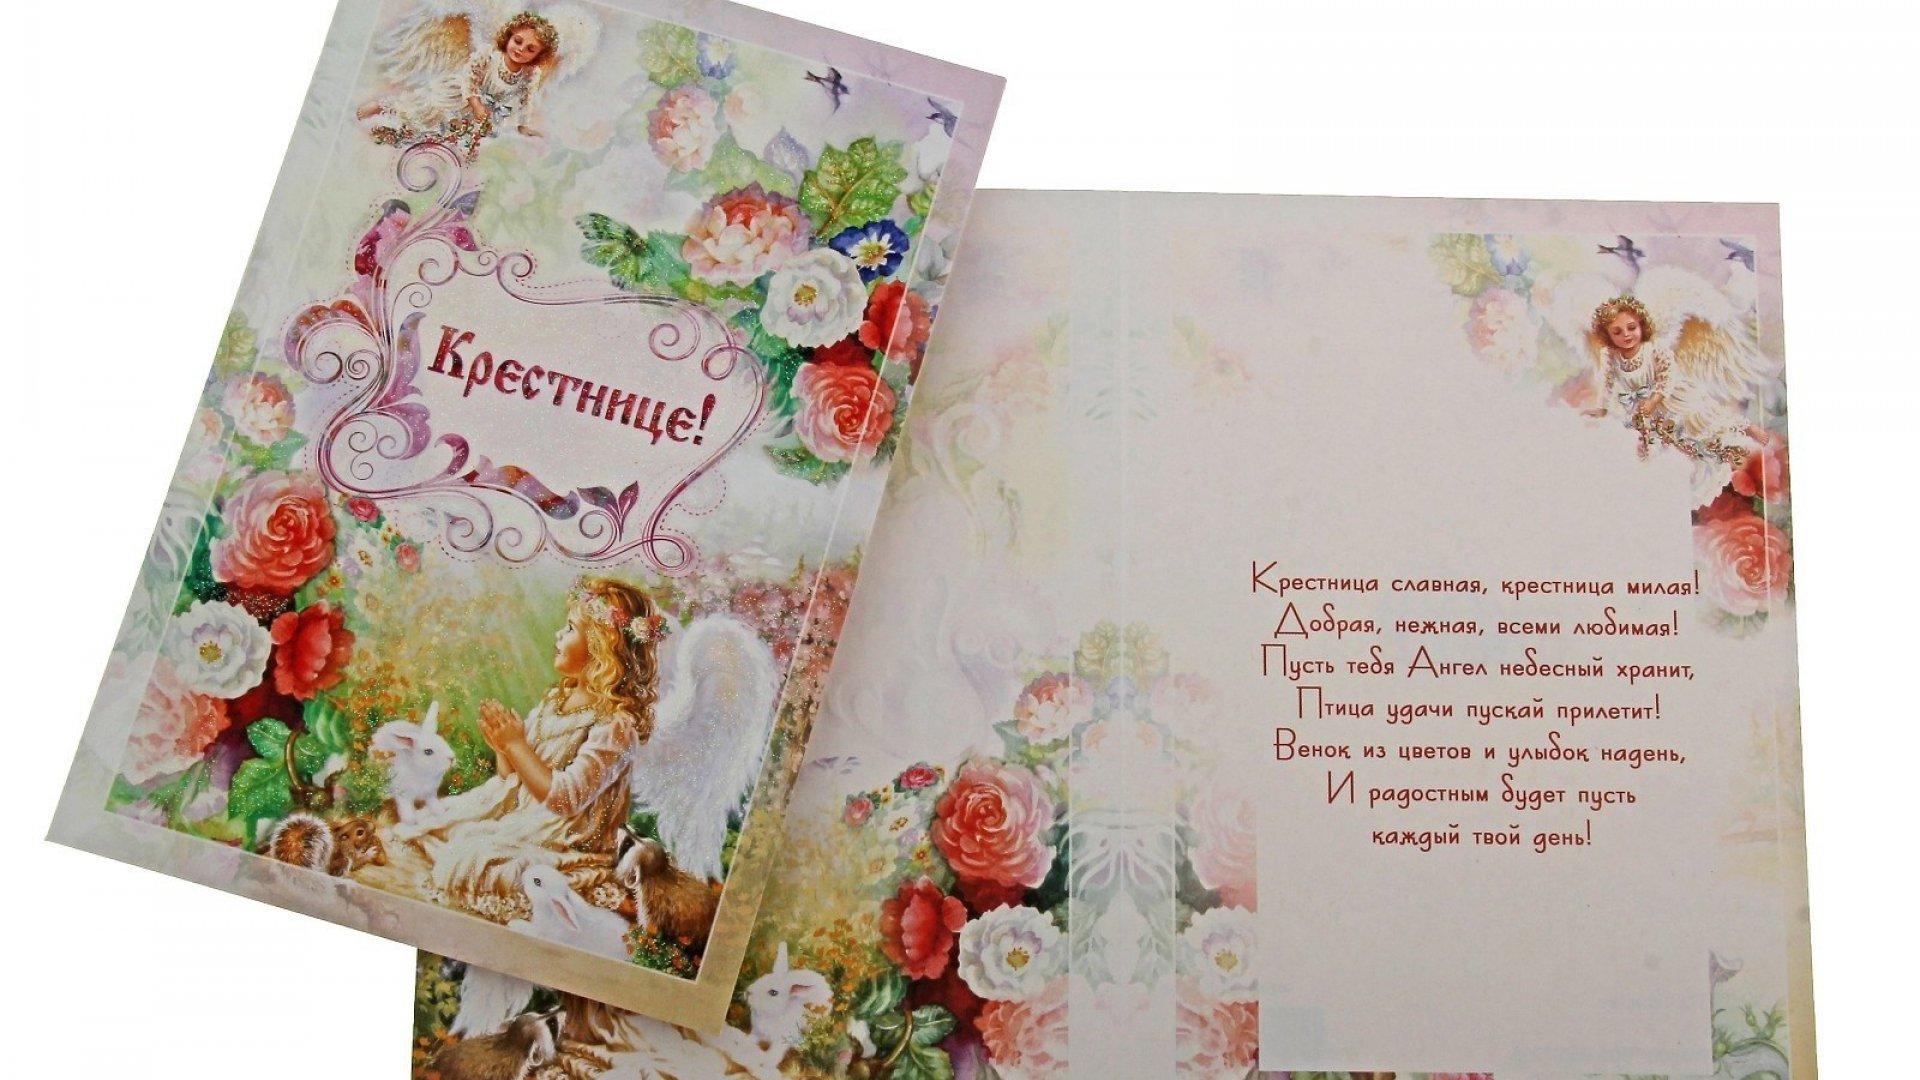 Крестнице 5 лет открытки, гале марта